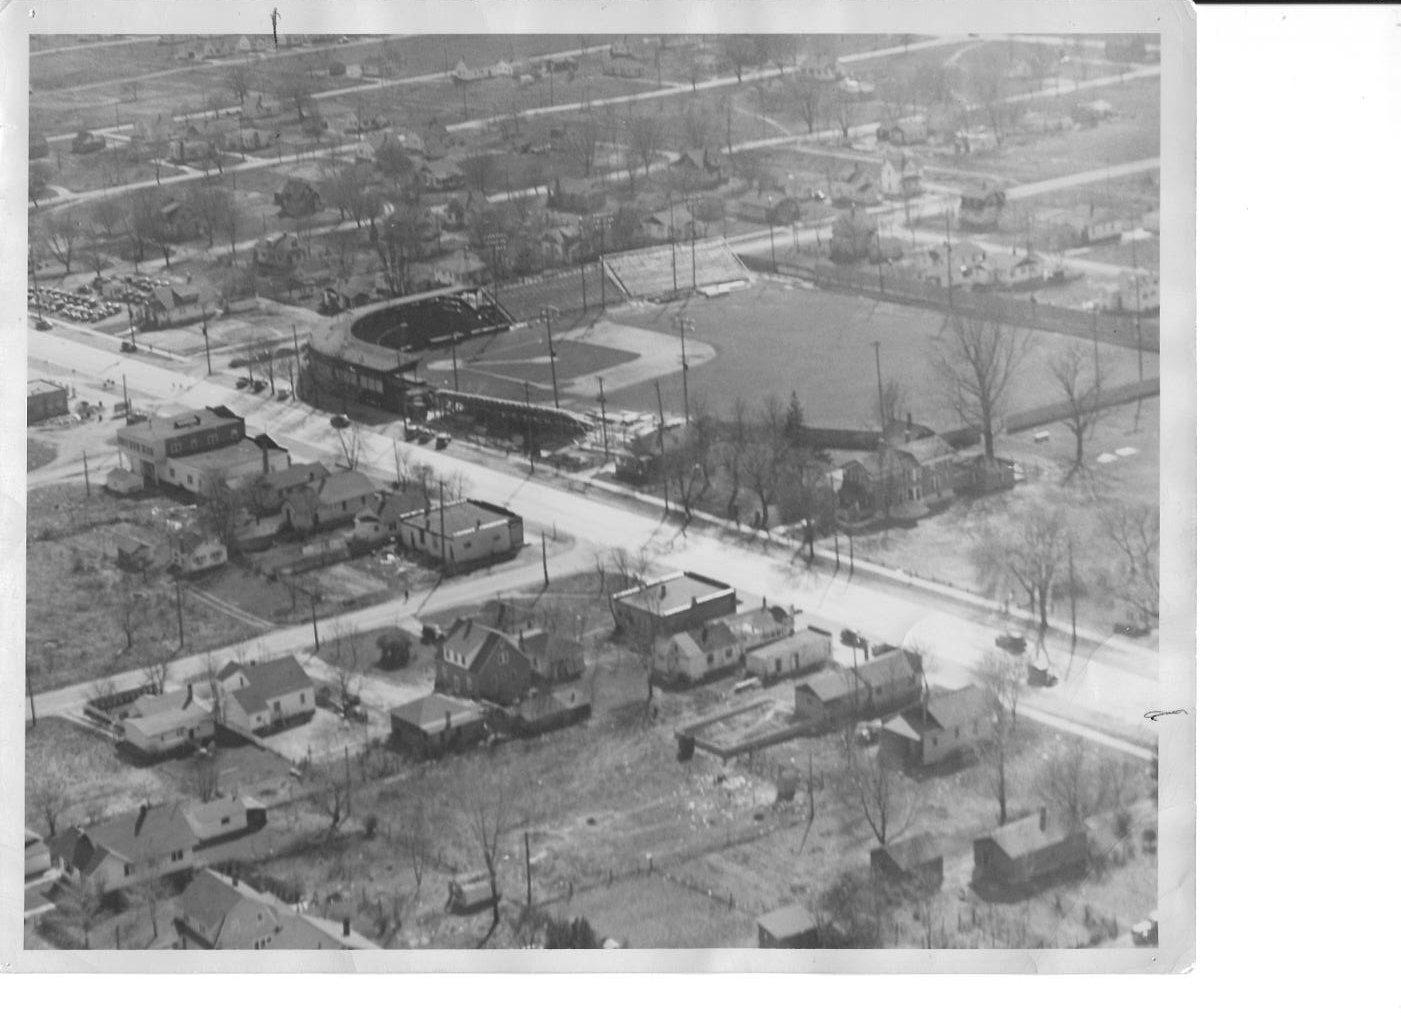 Bigelow Field, about 1937.